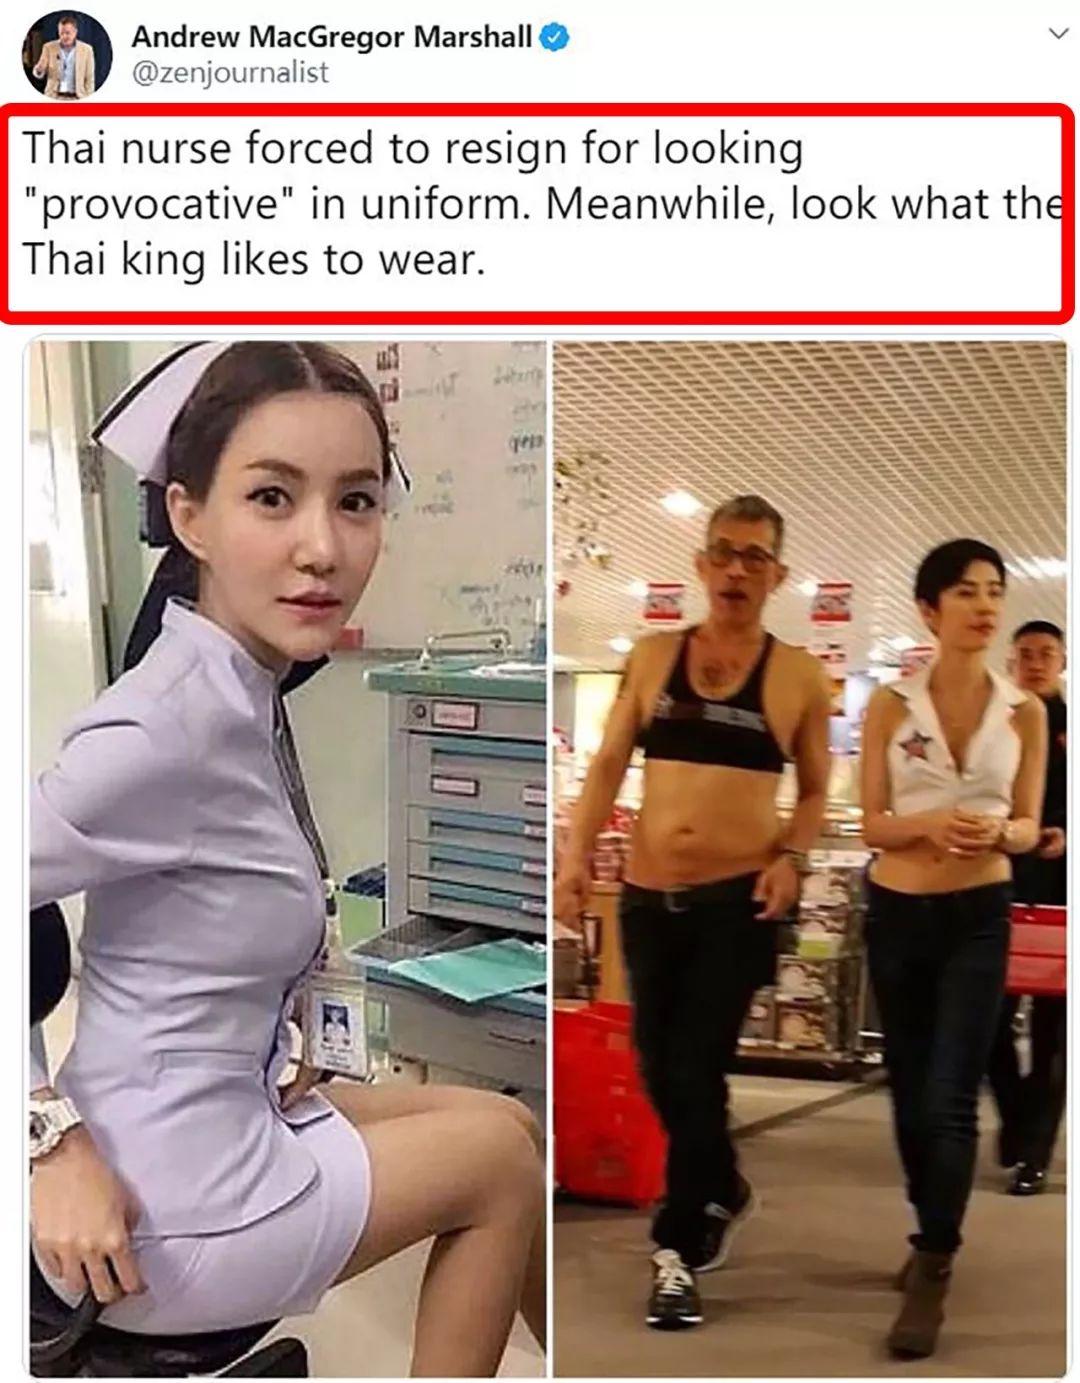 泰国国王因服装有诱惑性,辞去一名小护士,自己却和情妇穿露脐装